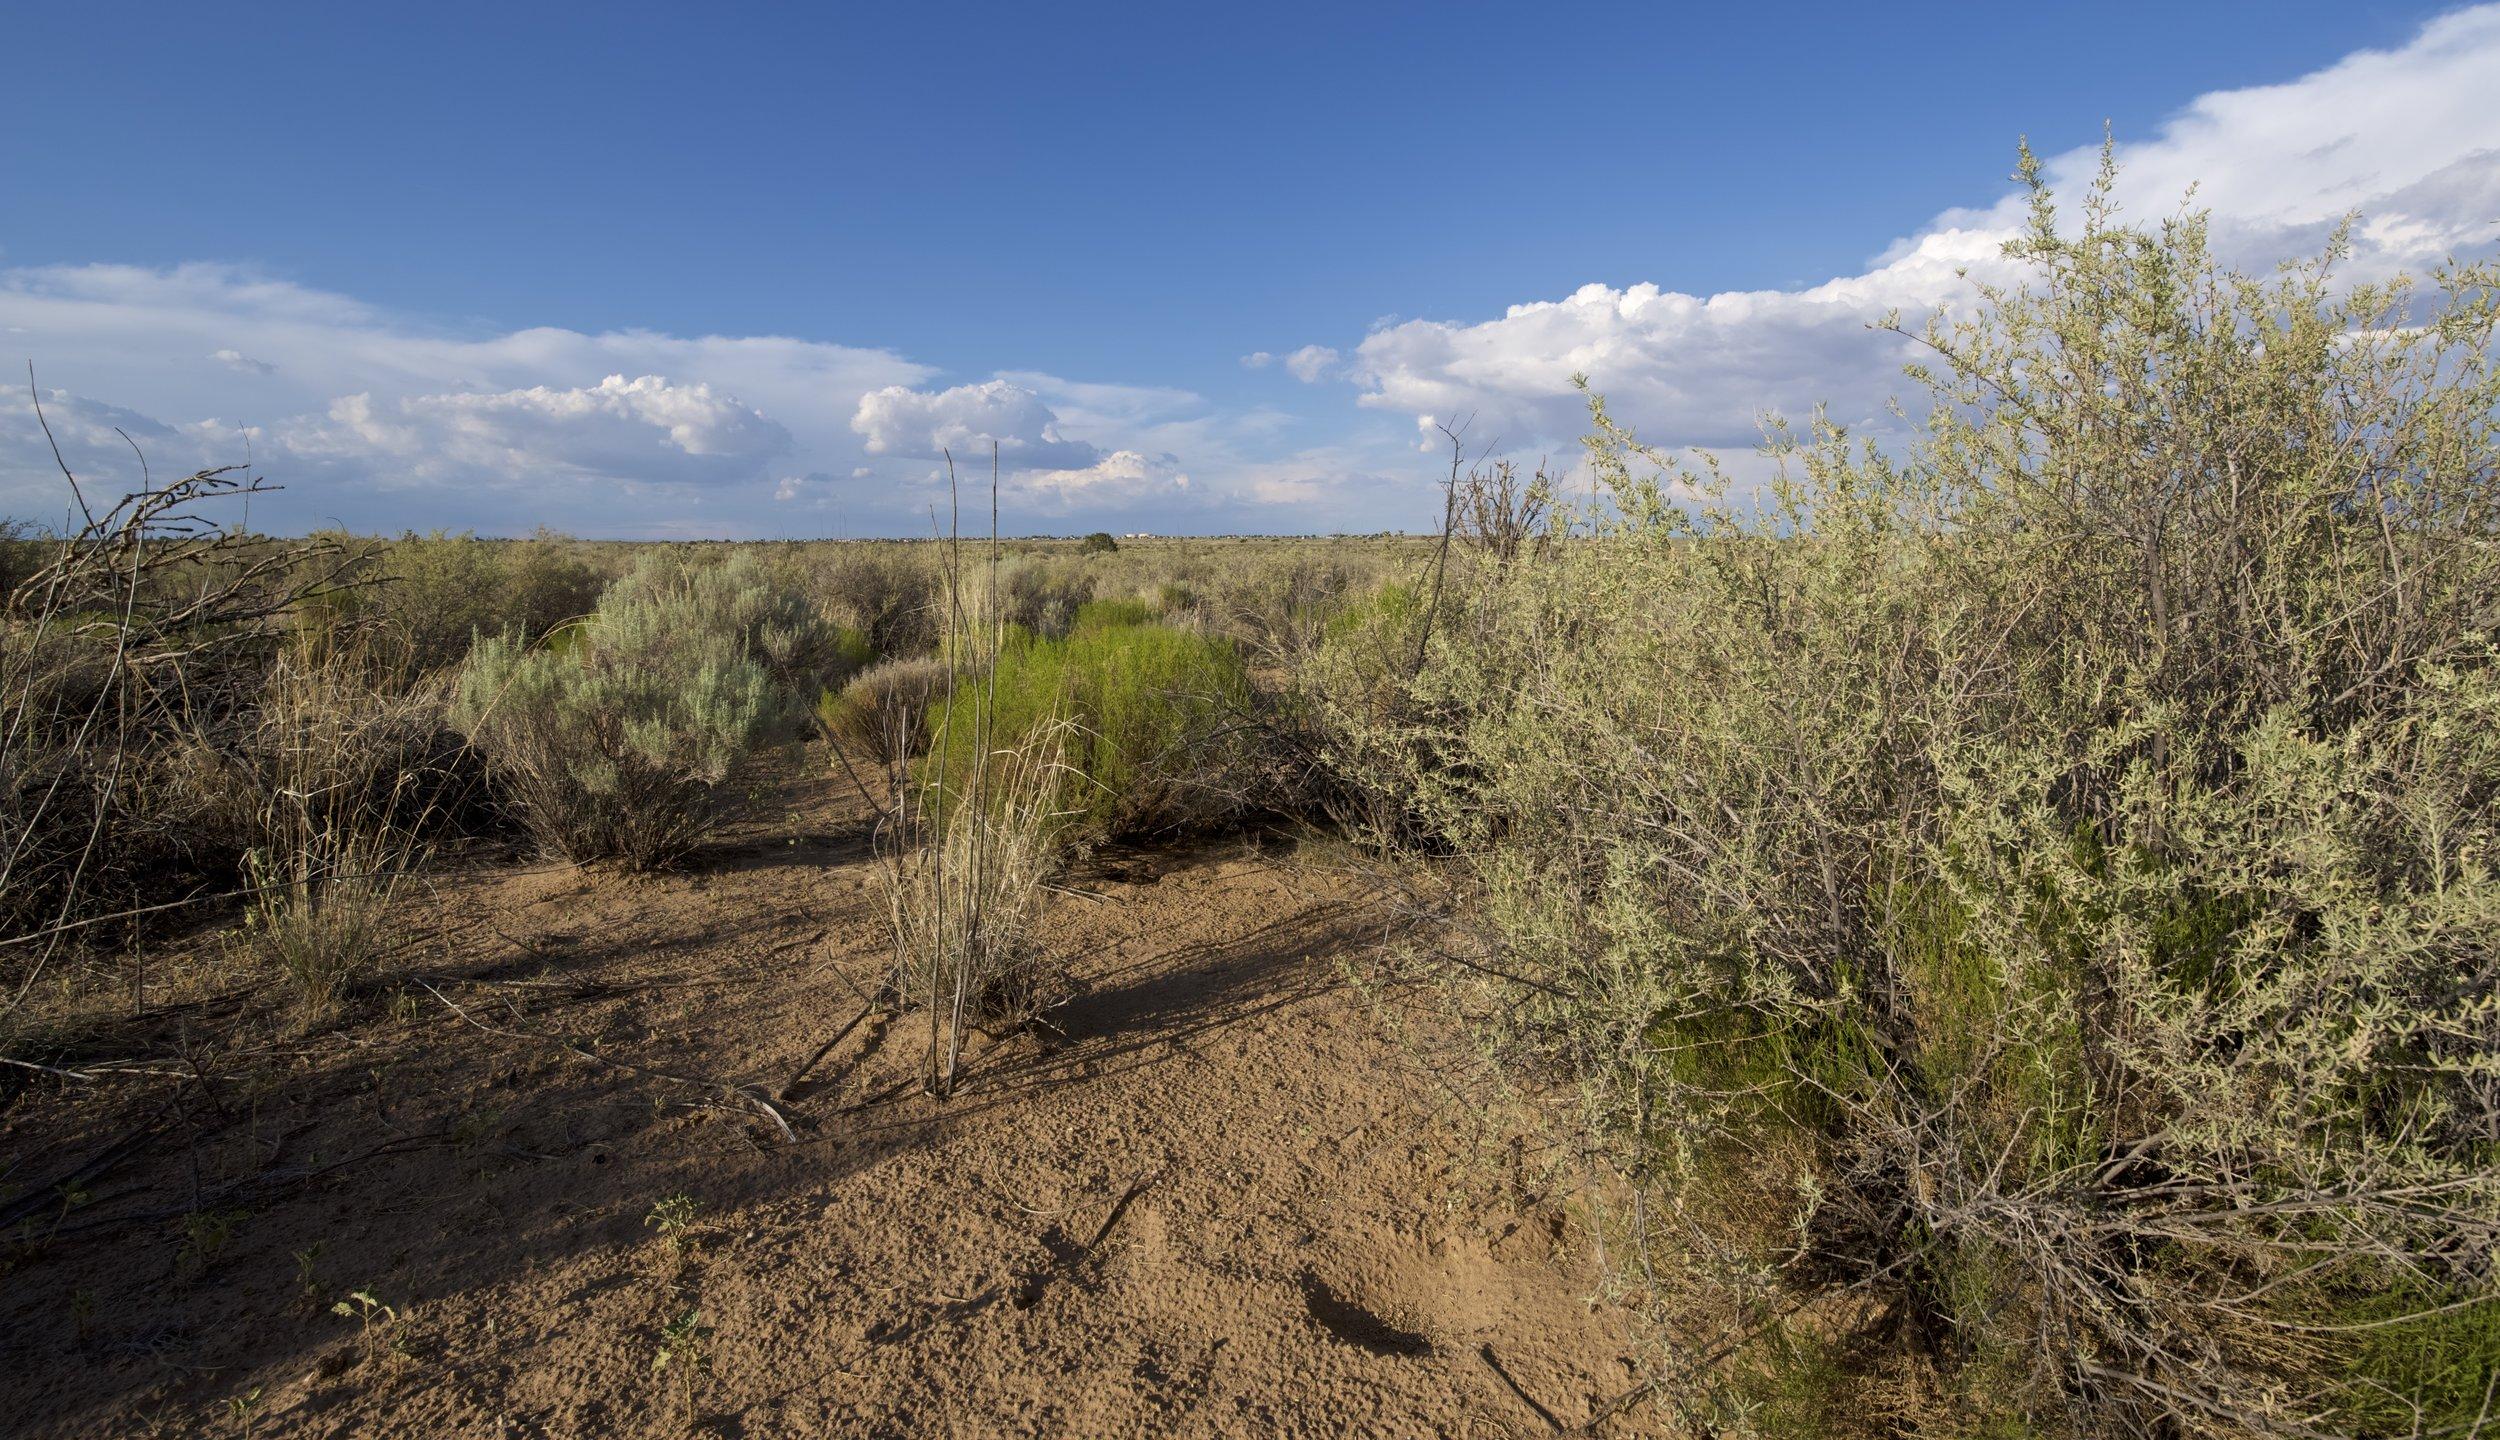 SNNM-BFG-rio-rancho-132744.jpg